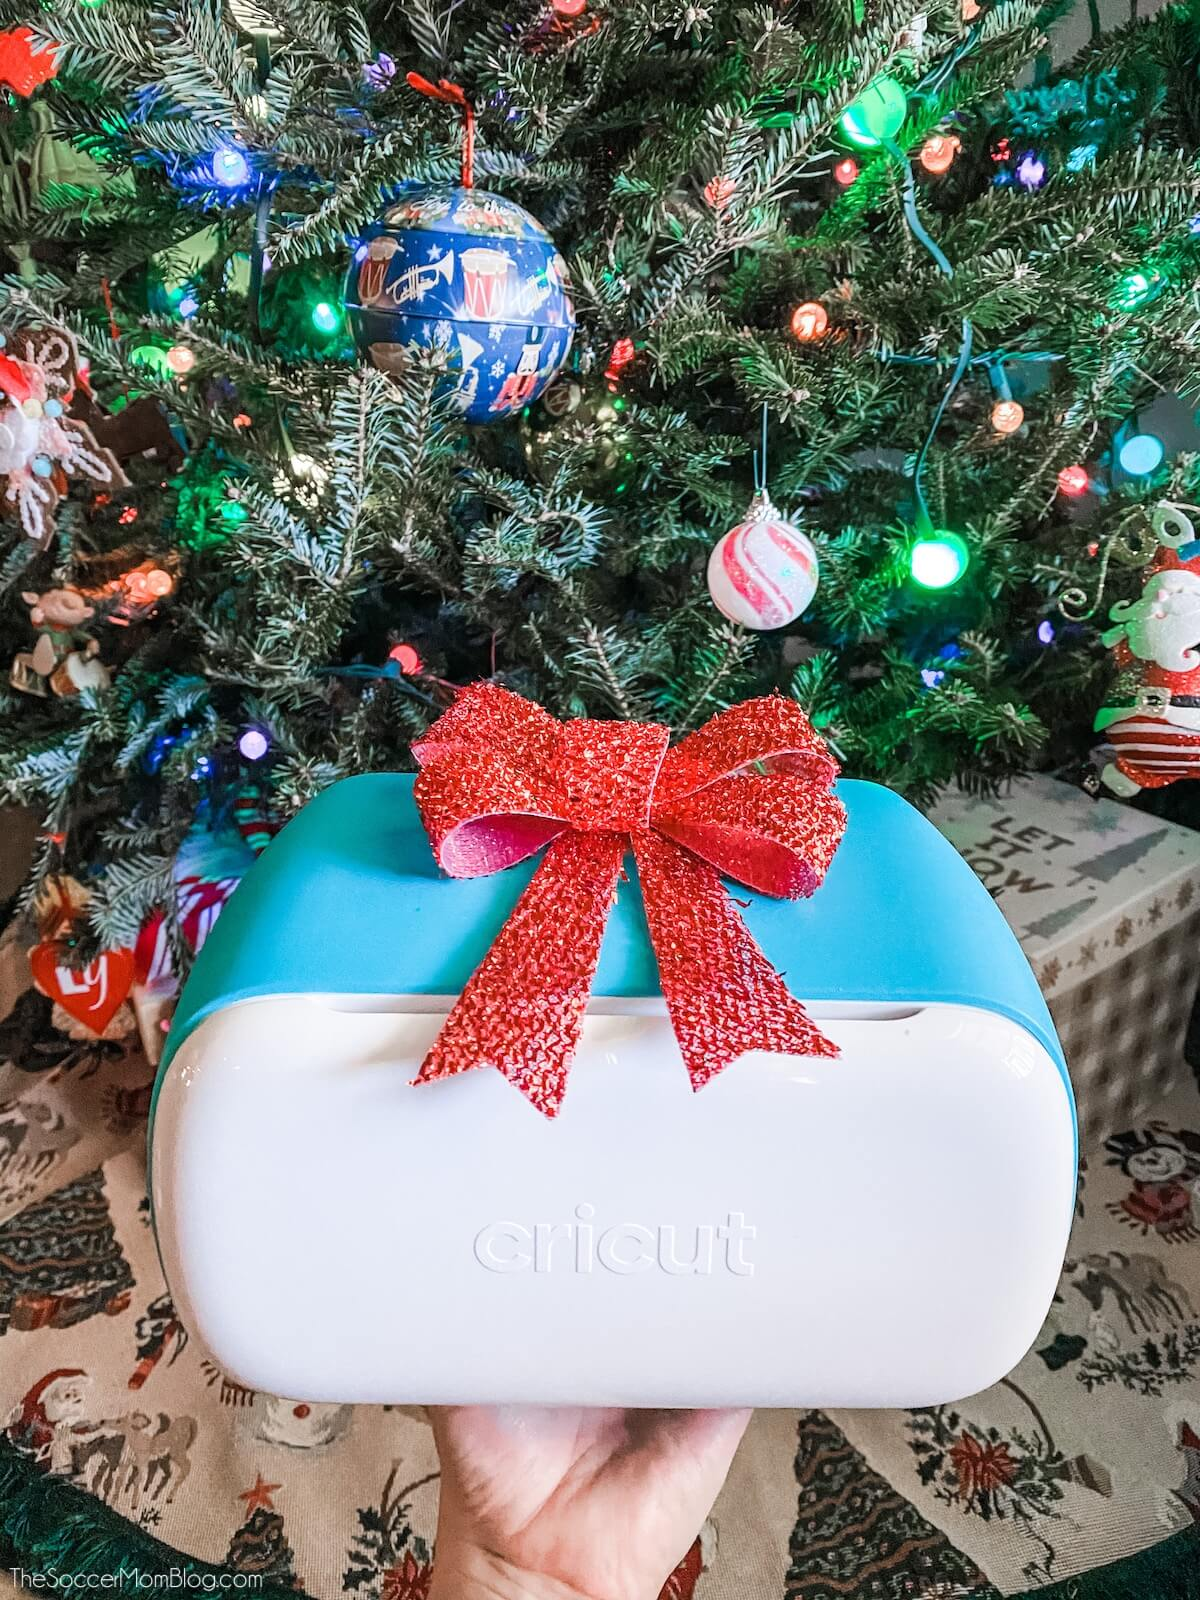 Cricut Joy vor einem Weihnachtsbaum